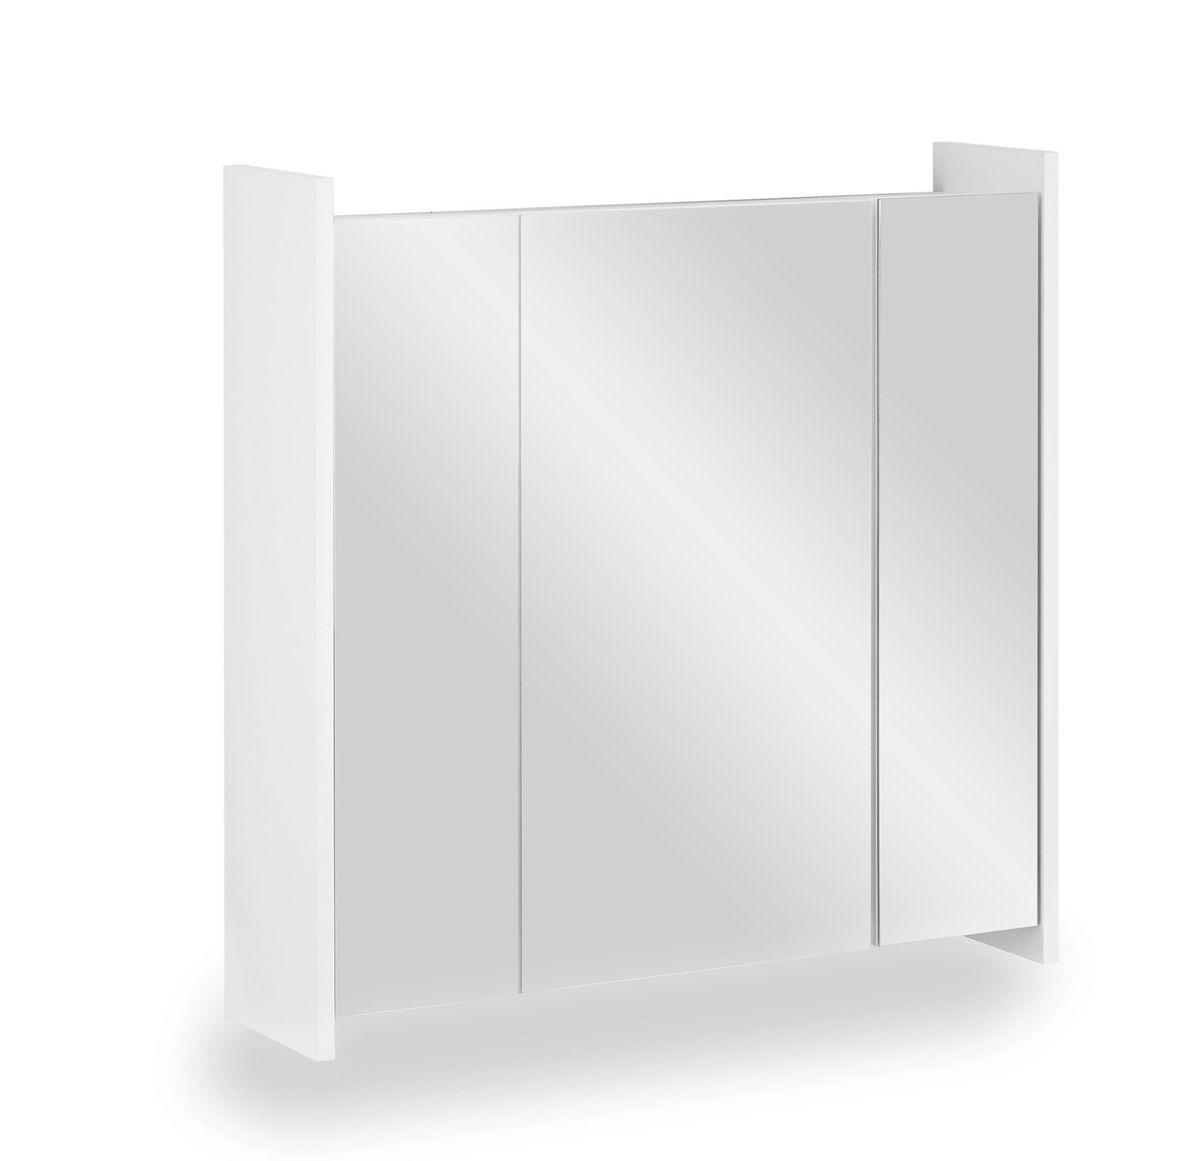 spiegelschrank frosti 70 cm wei. Black Bedroom Furniture Sets. Home Design Ideas